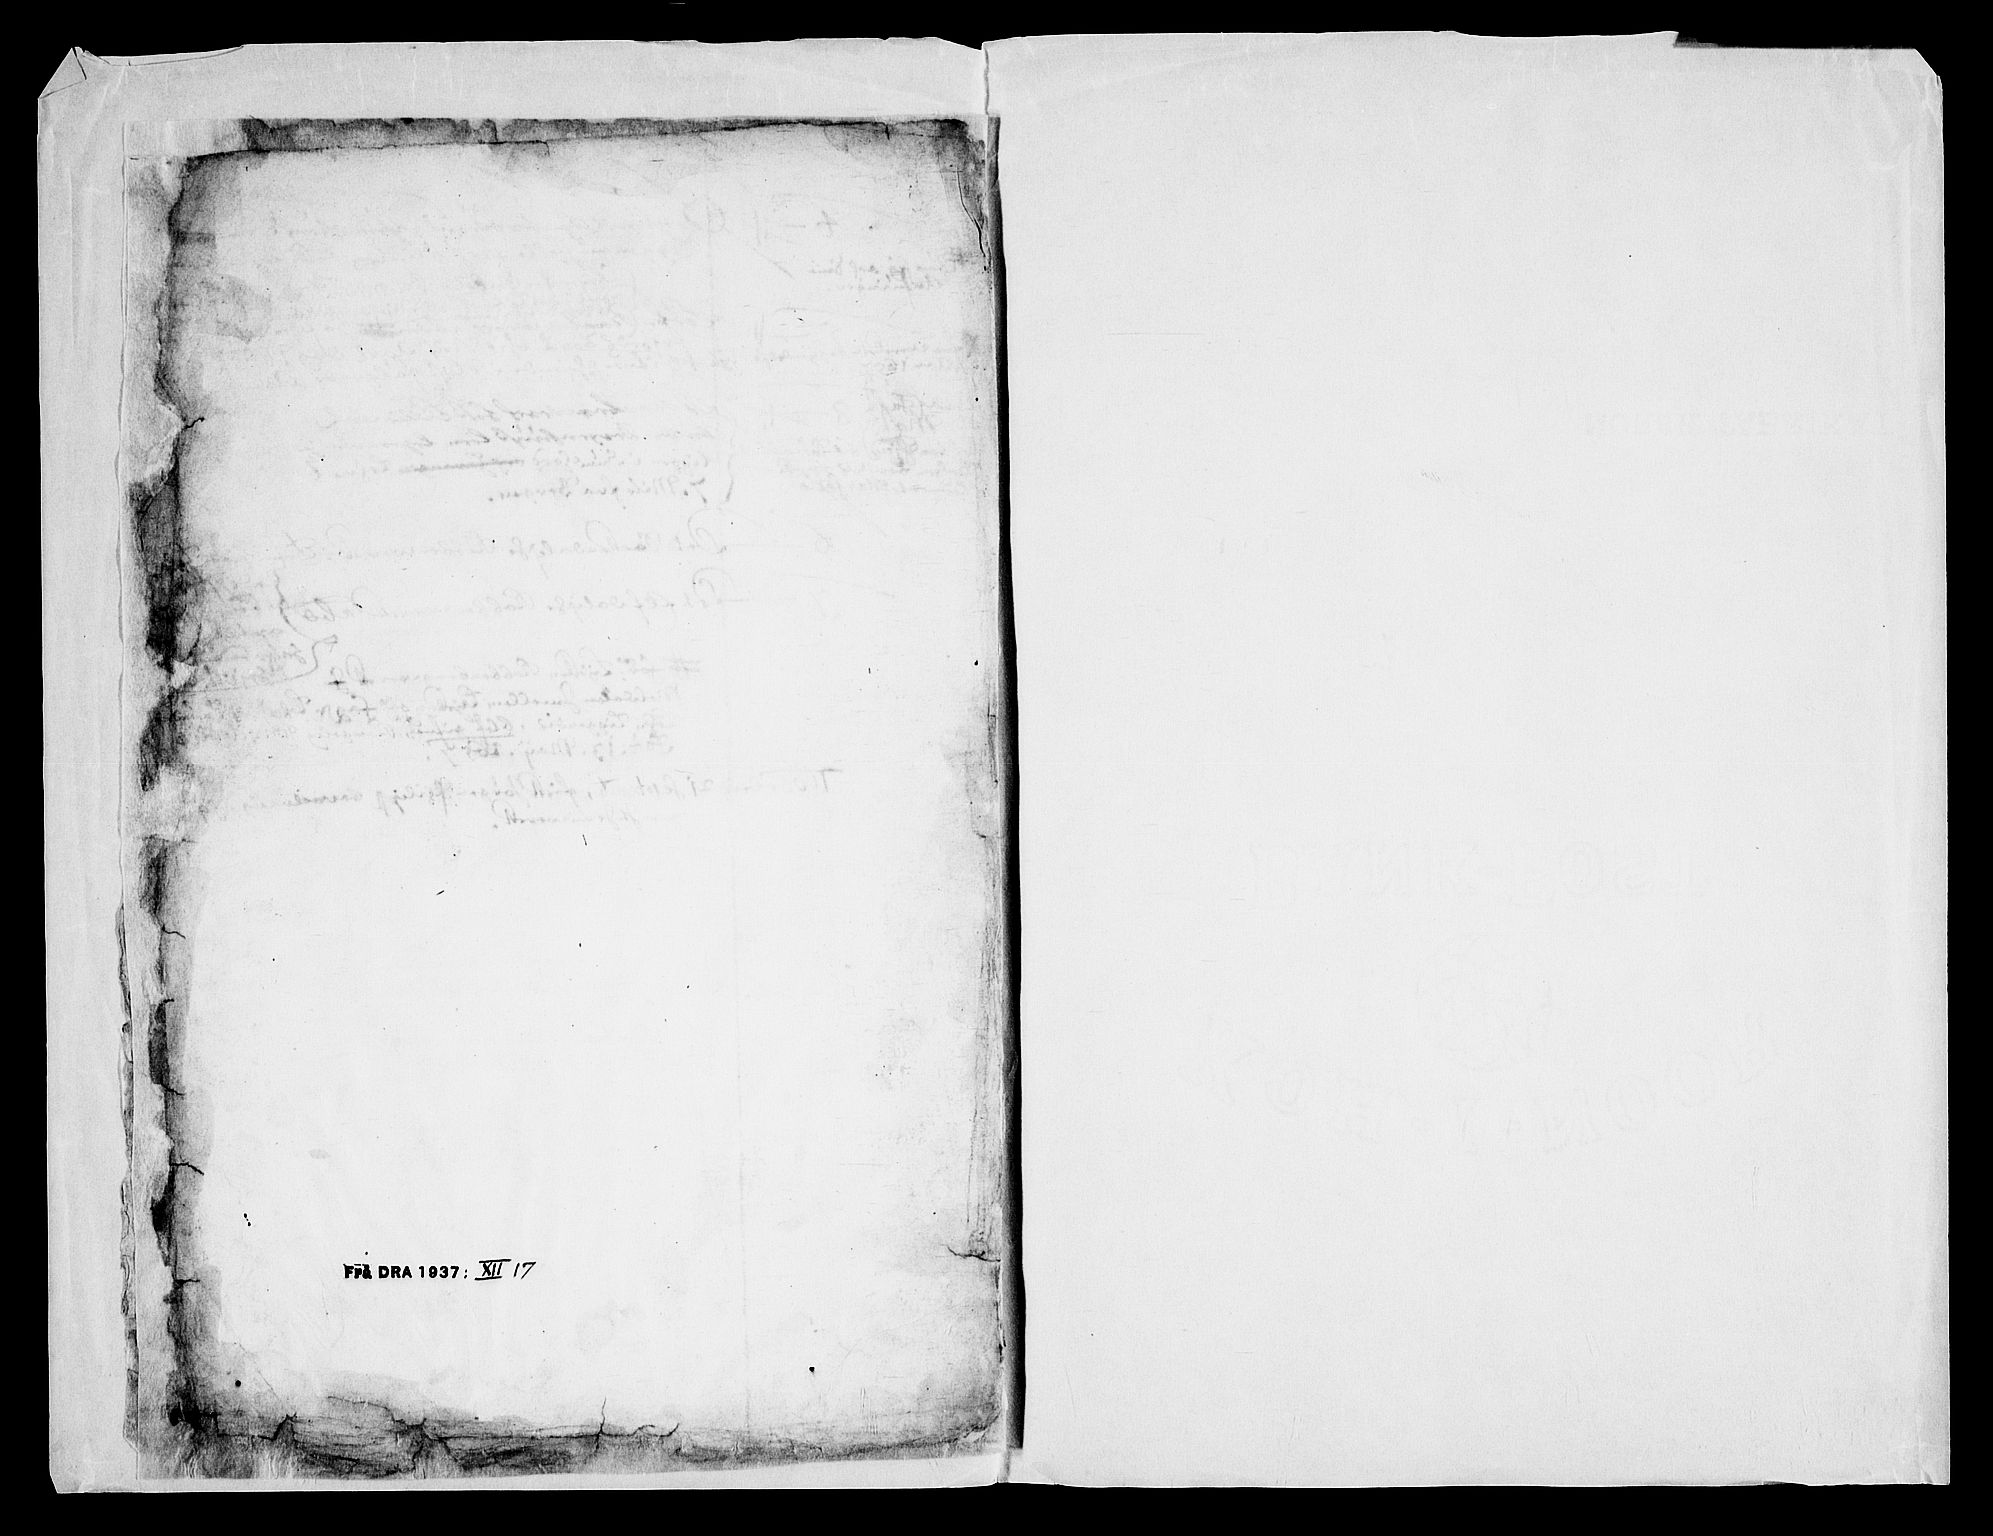 RA, Danske Kanselli, Skapsaker, G/L0019: Tillegg til skapsakene, 1616-1753, s. 157